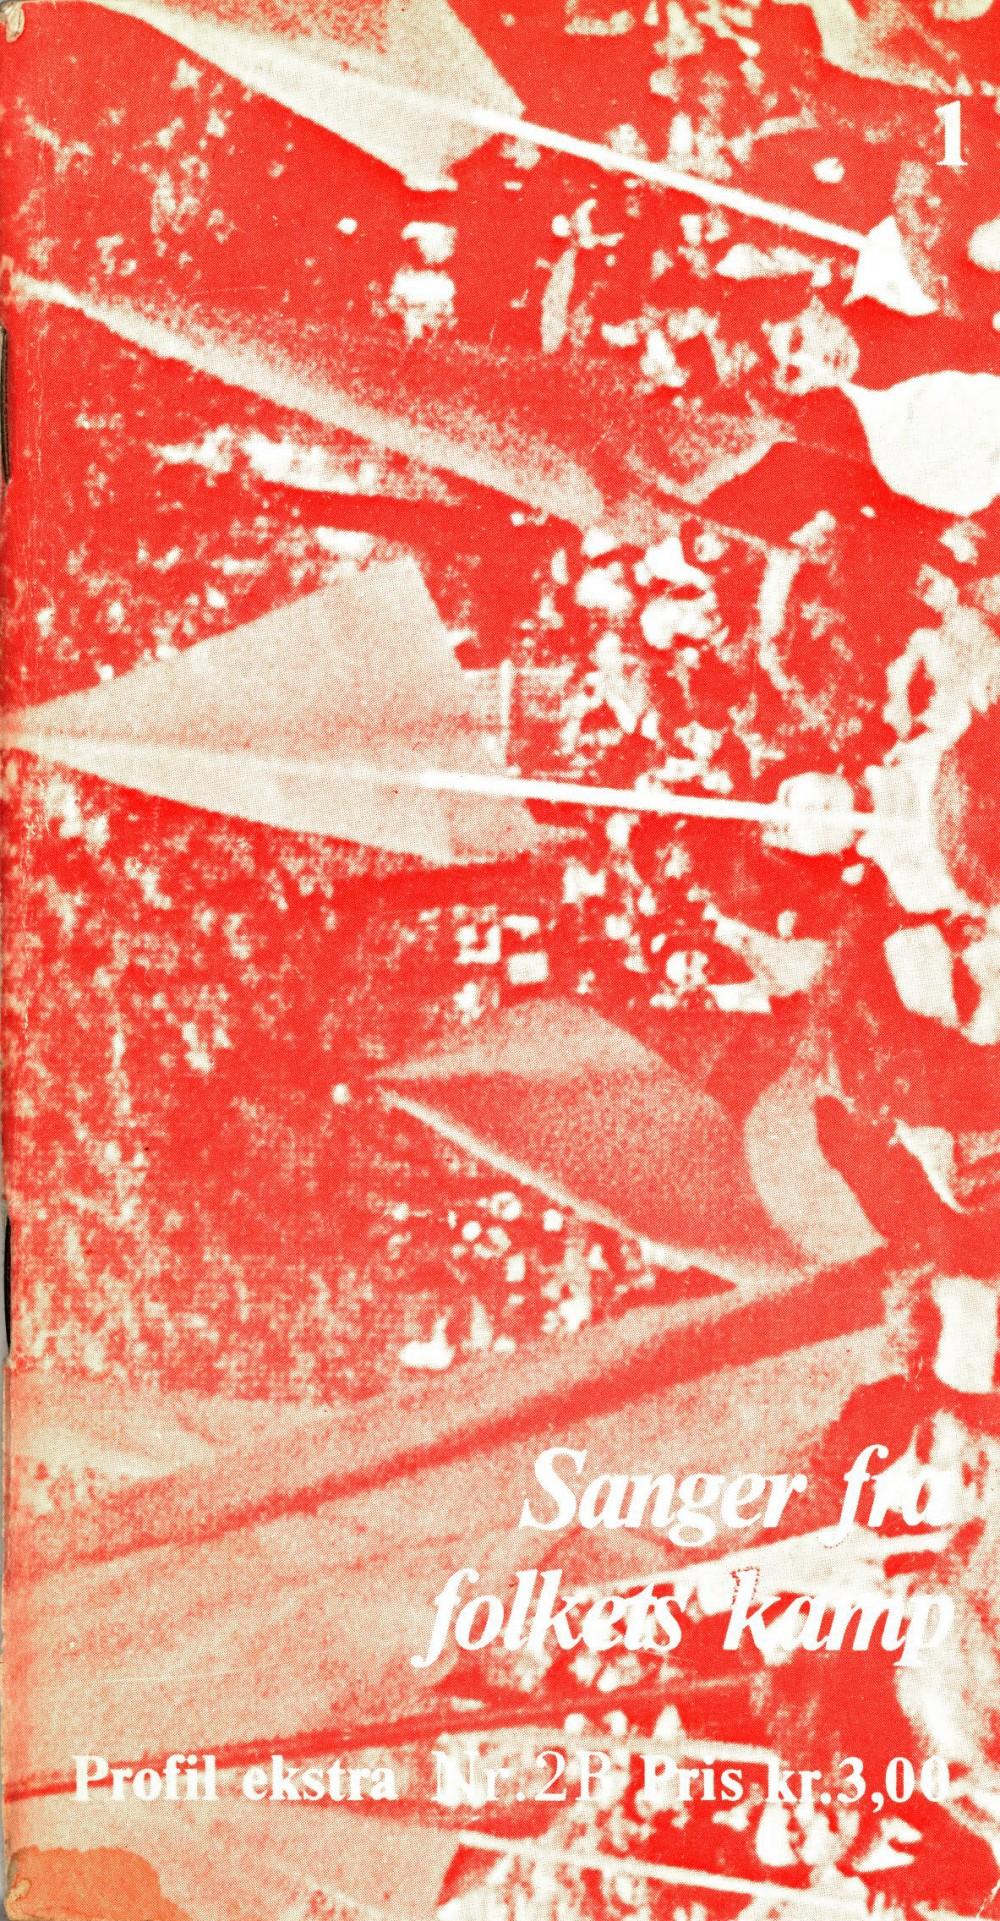 Sanger fra folkets kamp - Profil ekstra nr. 2b 1972